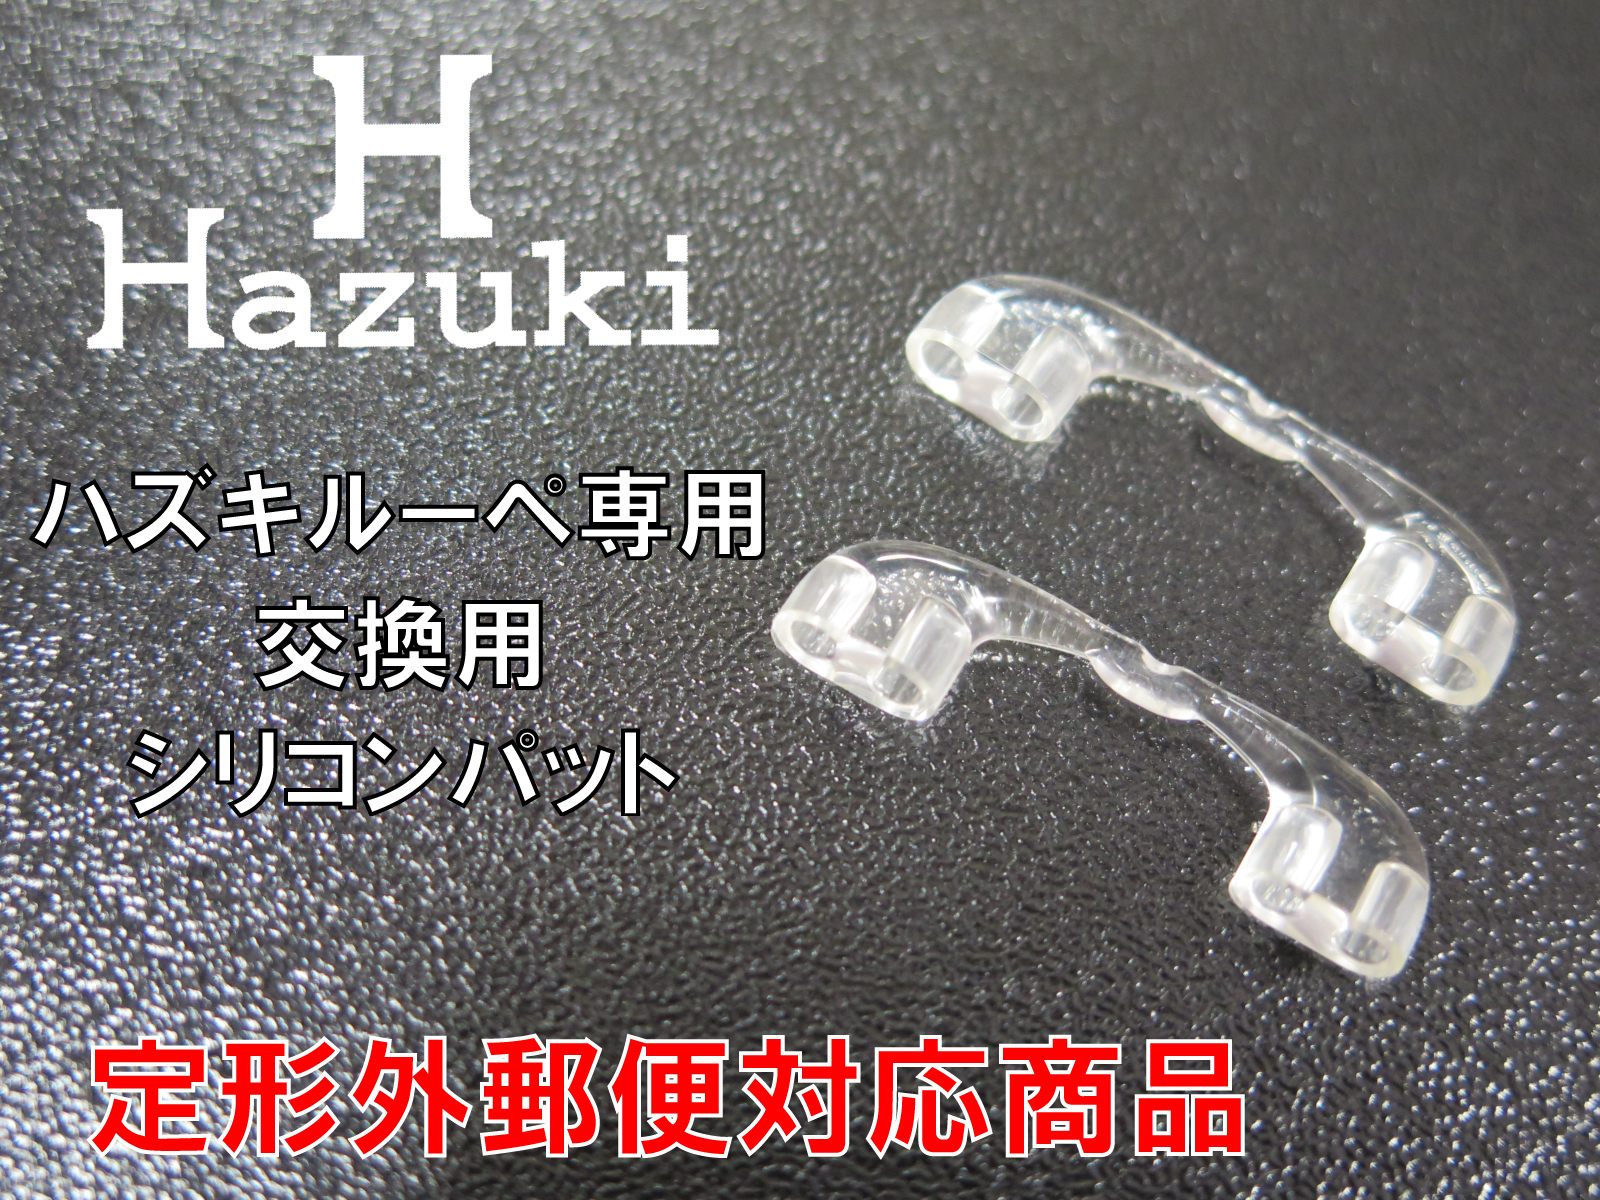 ハズキルーペ シリコン製 交換用 専用鼻パット